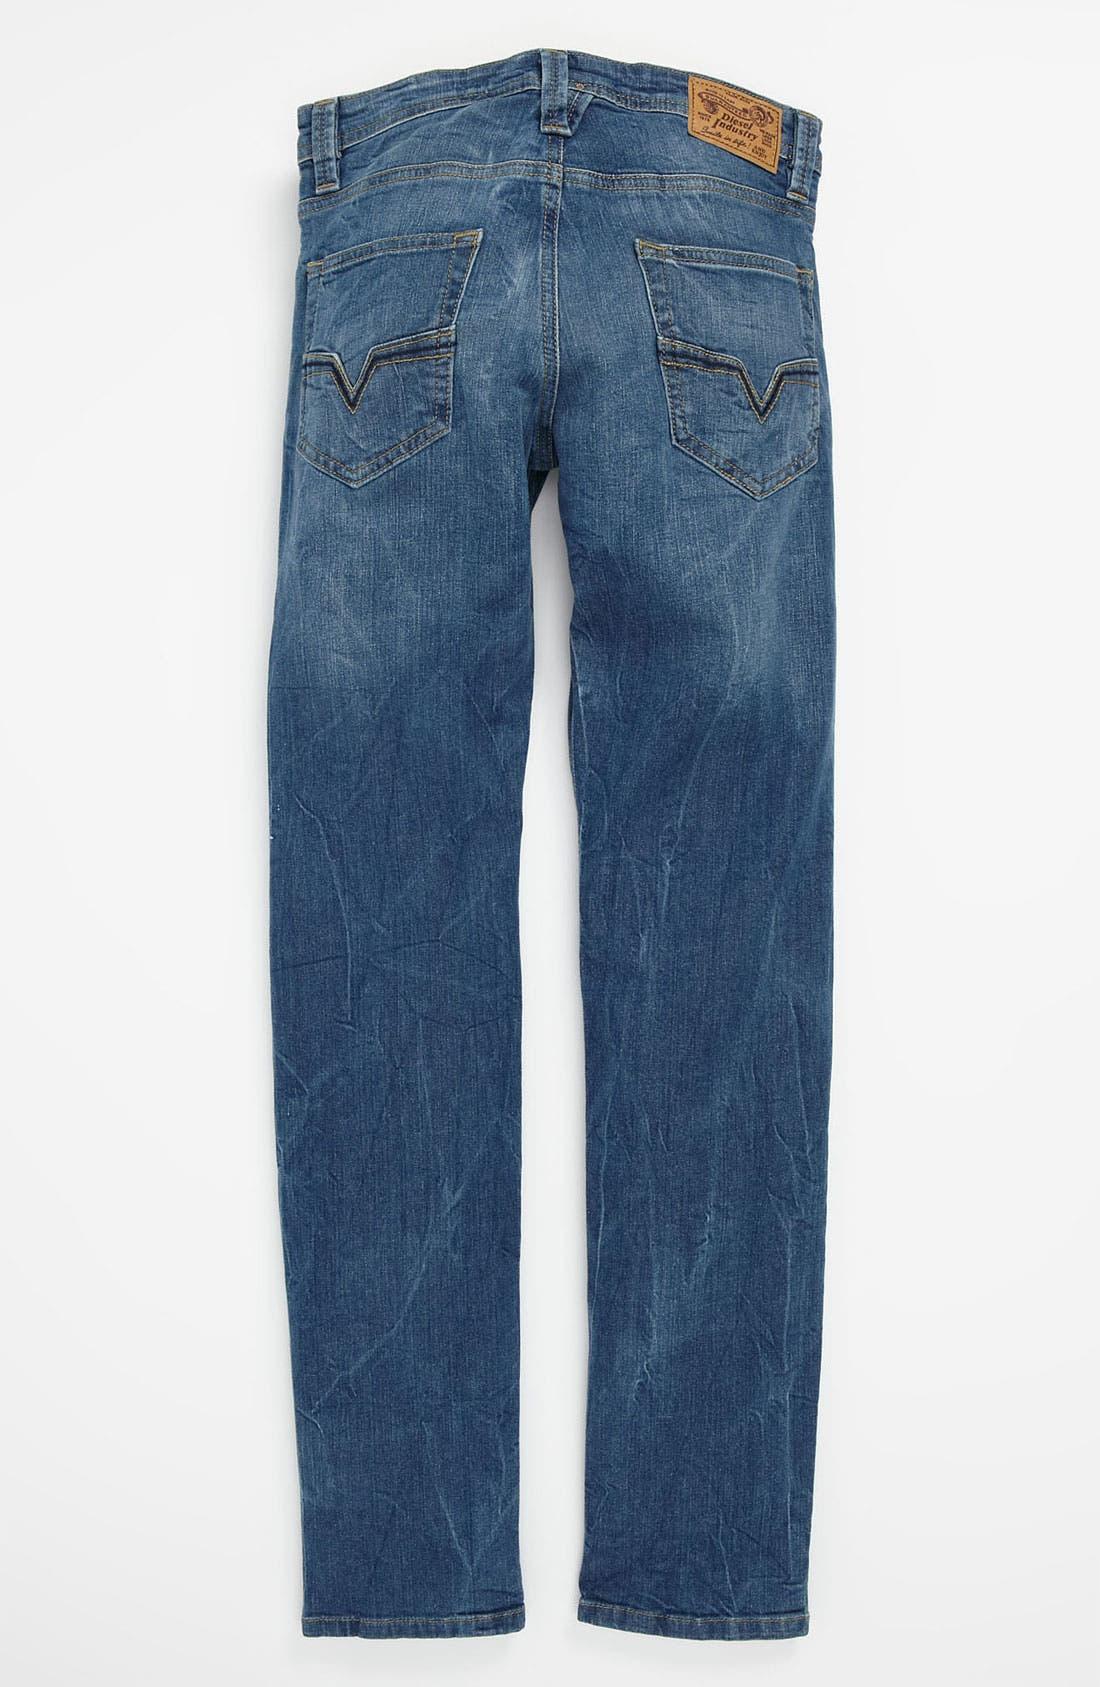 Alternate Image 1 Selected - DIESEL® 'Larkee' Jeans (Big Boys)